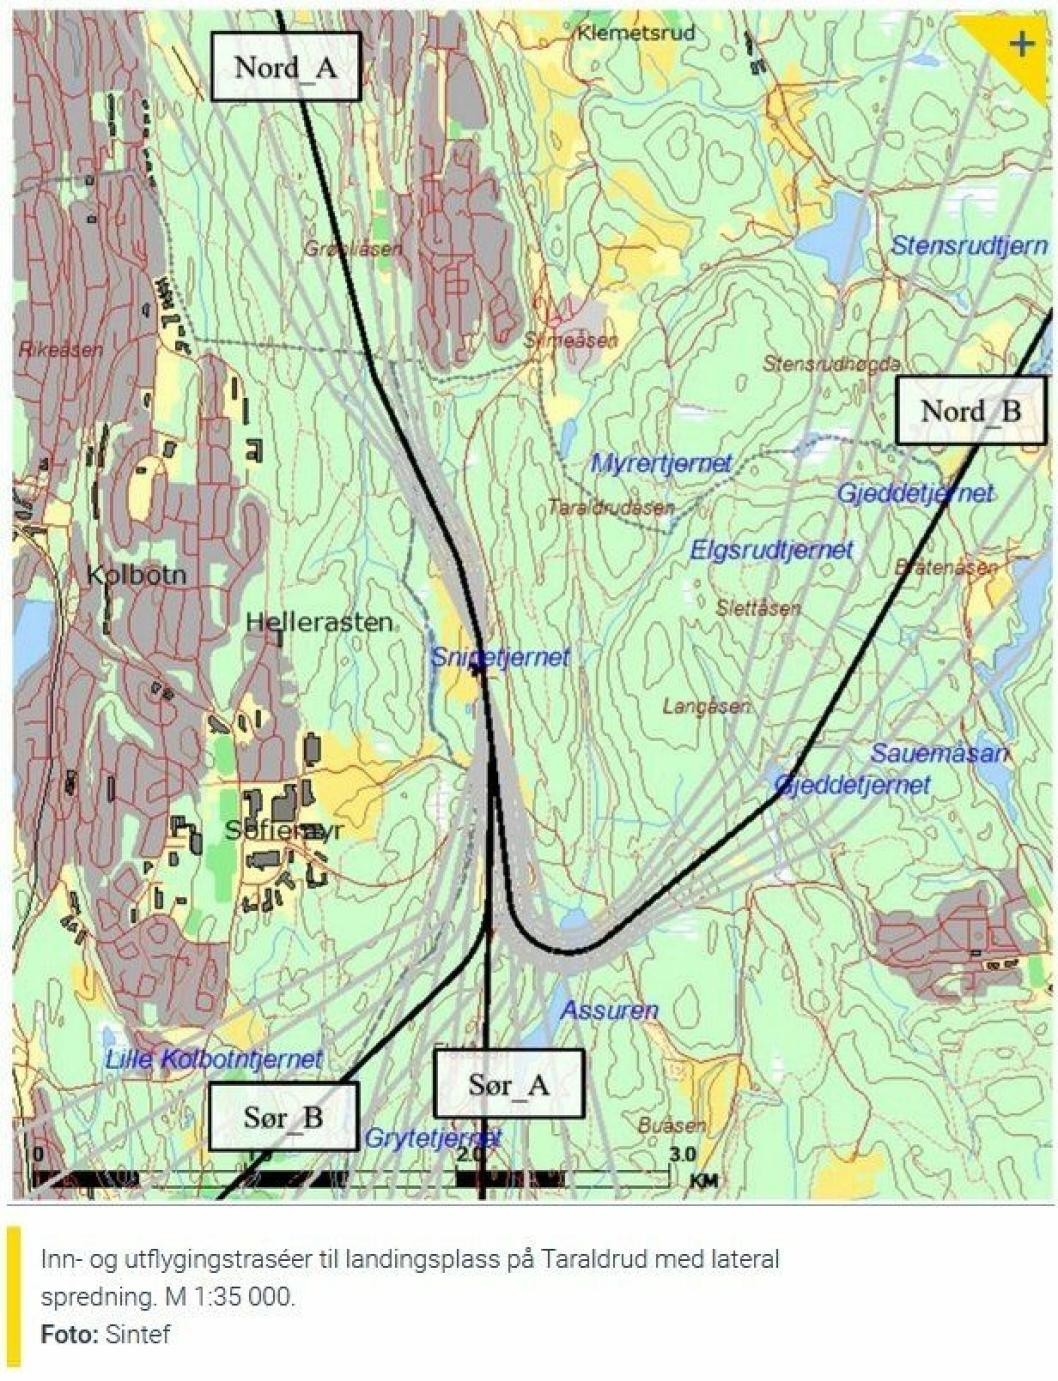 HELIKOPTERTRASEER: Kartet viser inn- og utflygingstraséer for helikopter ved politiets nasjonale beredskapssenter.